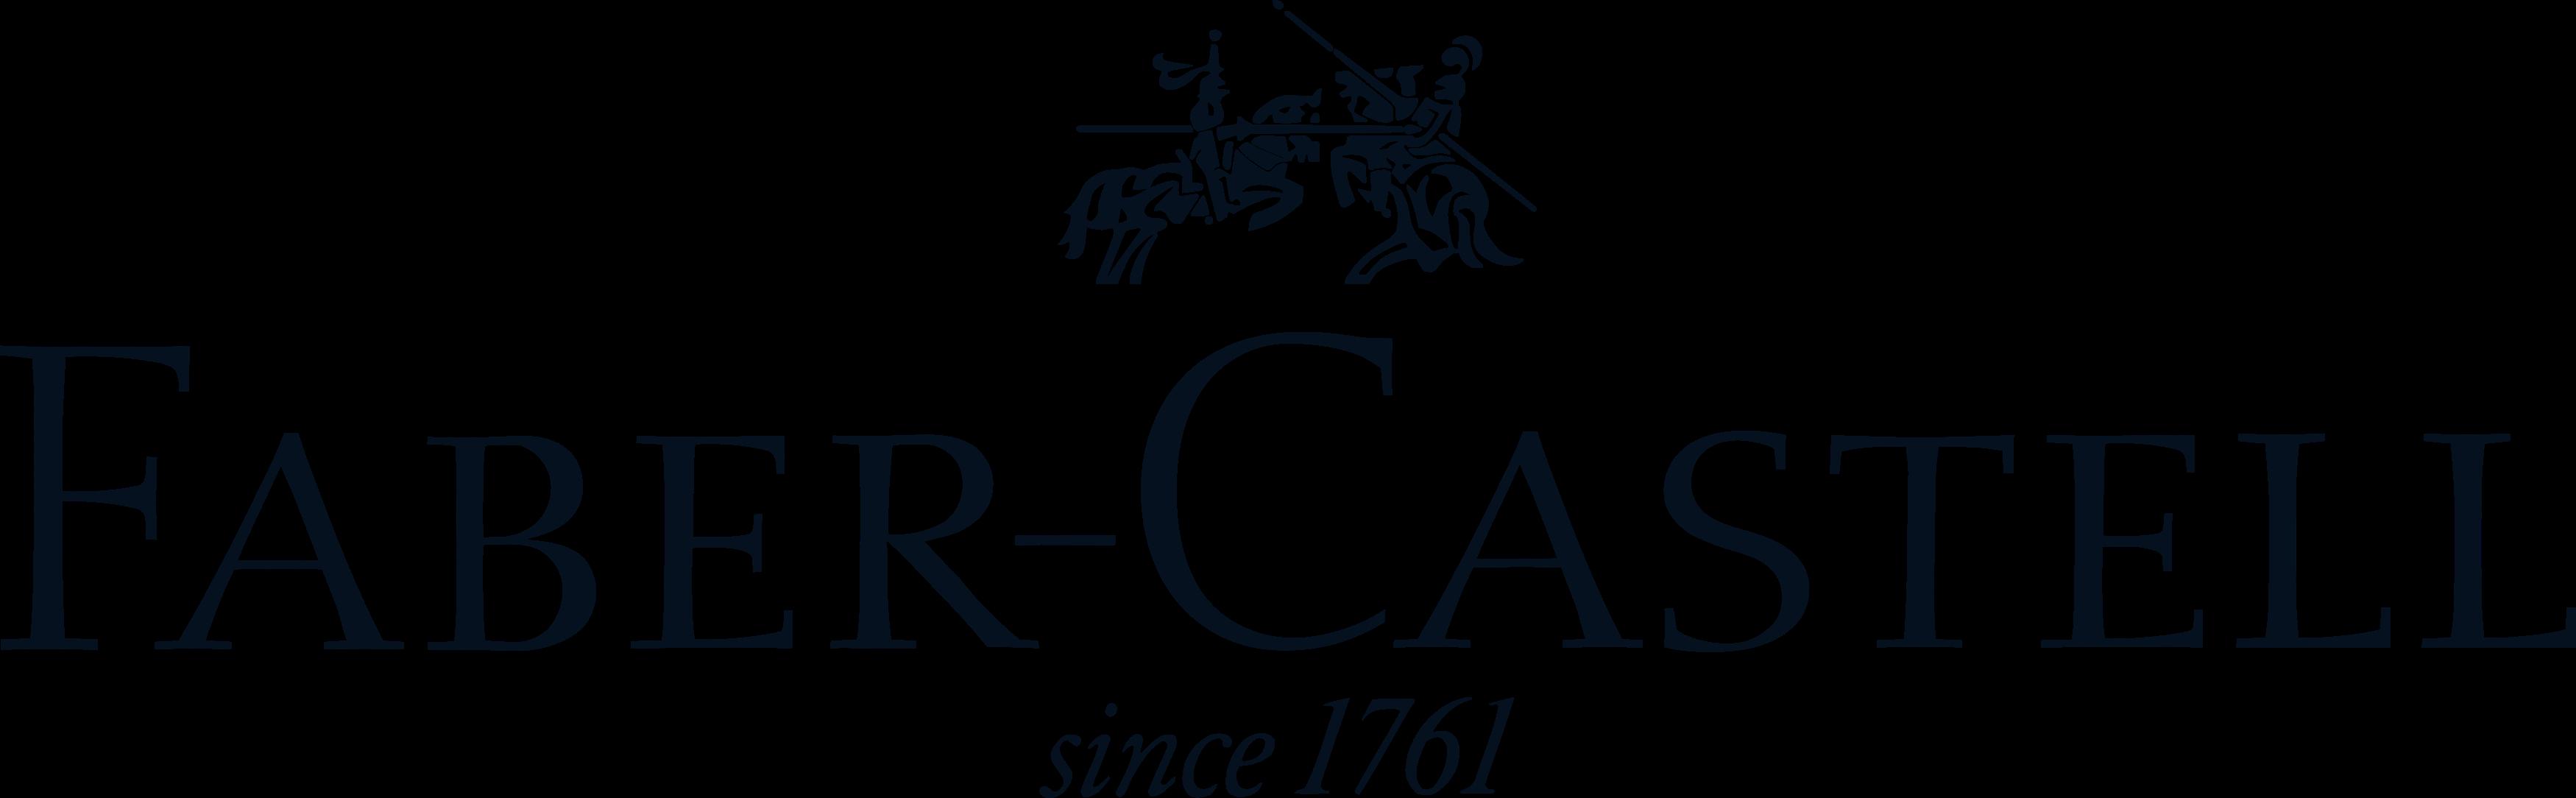 https://f.hubspotusercontent20.net/hubfs/7851874/faber-castell-logo.png